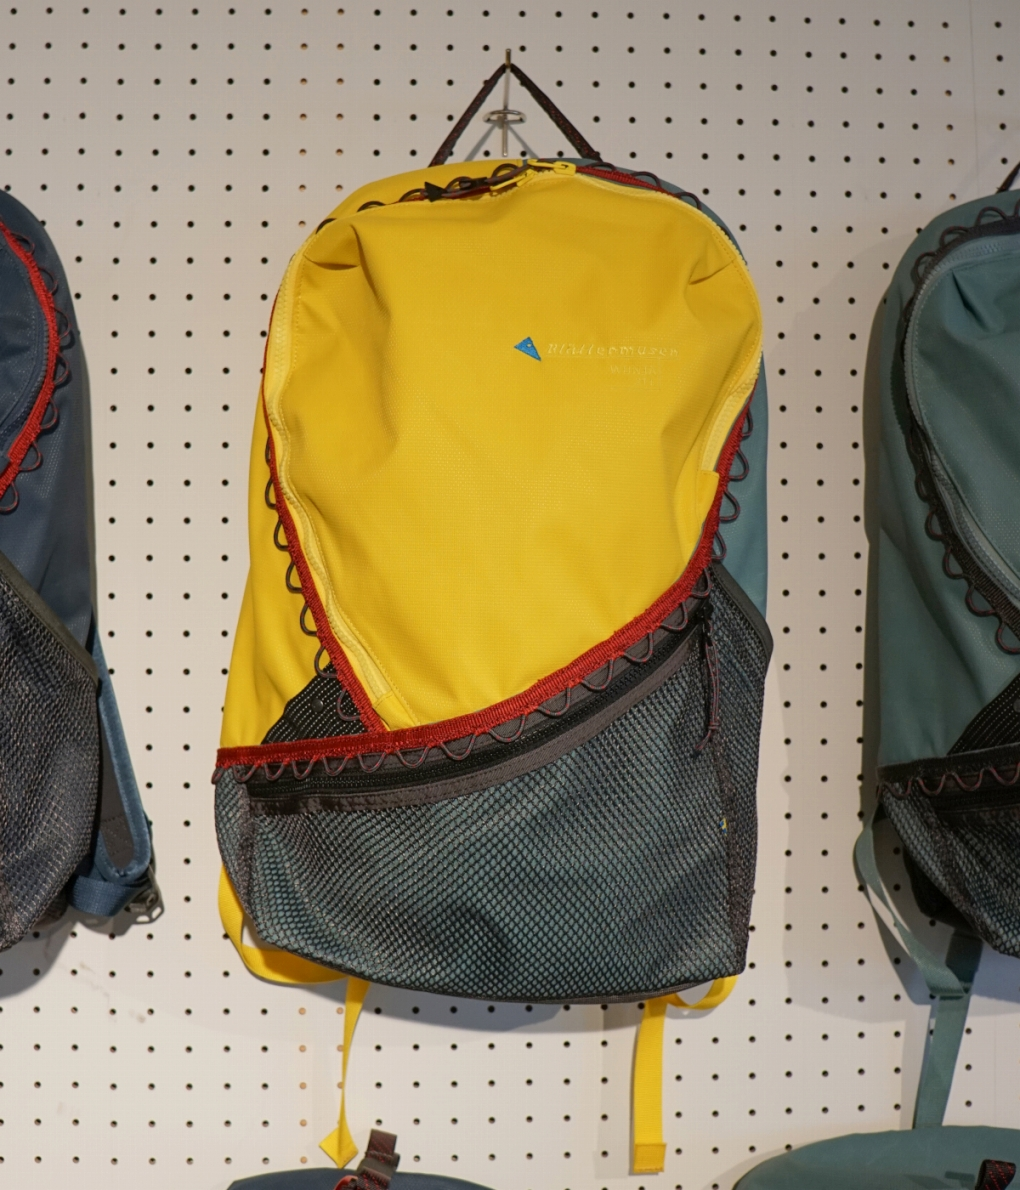 【予約商品 2020年3月~4月入荷予定】KLATTERMUSEN / クレッタルムーセン : Wunja Everyday Backpack 21L : エブリデイバックパック : 40405U01 【PIE】